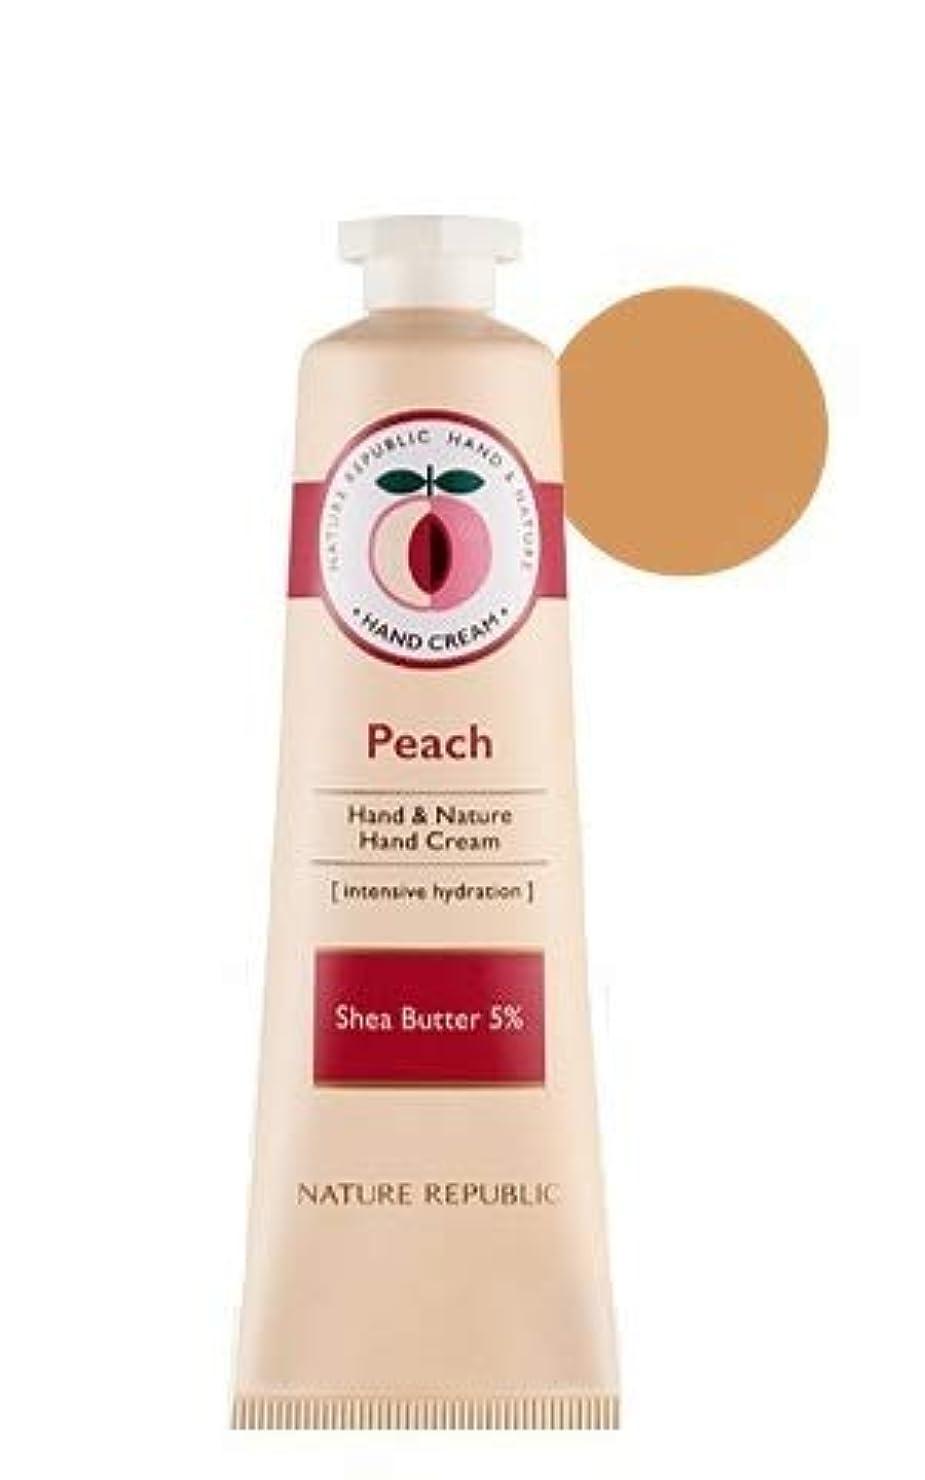 カーペット実装する叙情的な[1+1]ネイチャーリパブリック NATURE REPUBLIC ハンドアンドネイチャーハンドクリーム Hand & Nature Hand Cream (# PEACH) [並行輸入品]